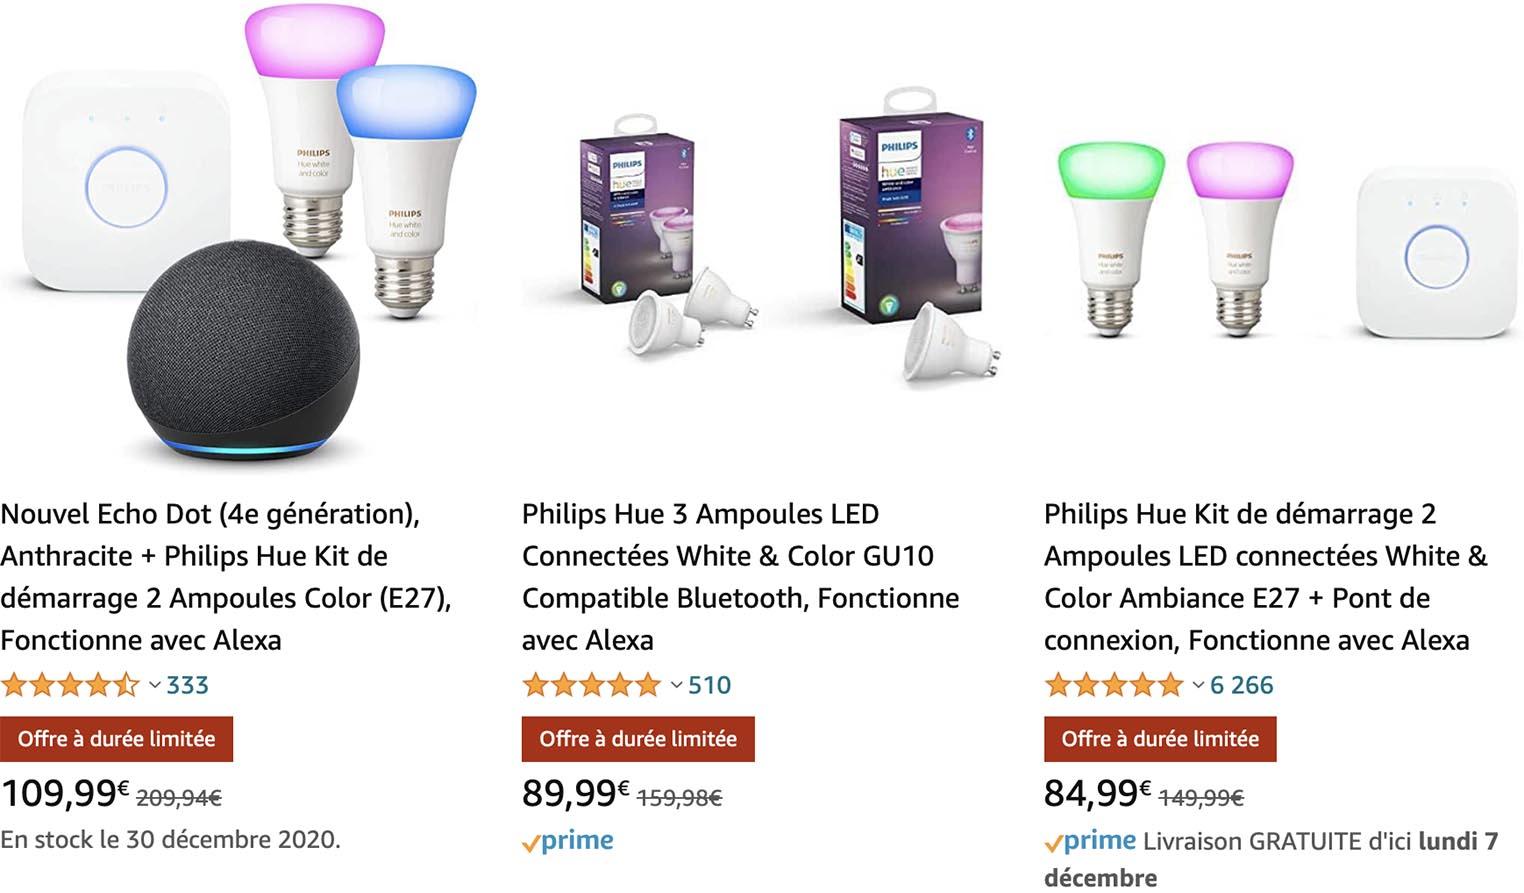 Kits Philips Hue Amazon